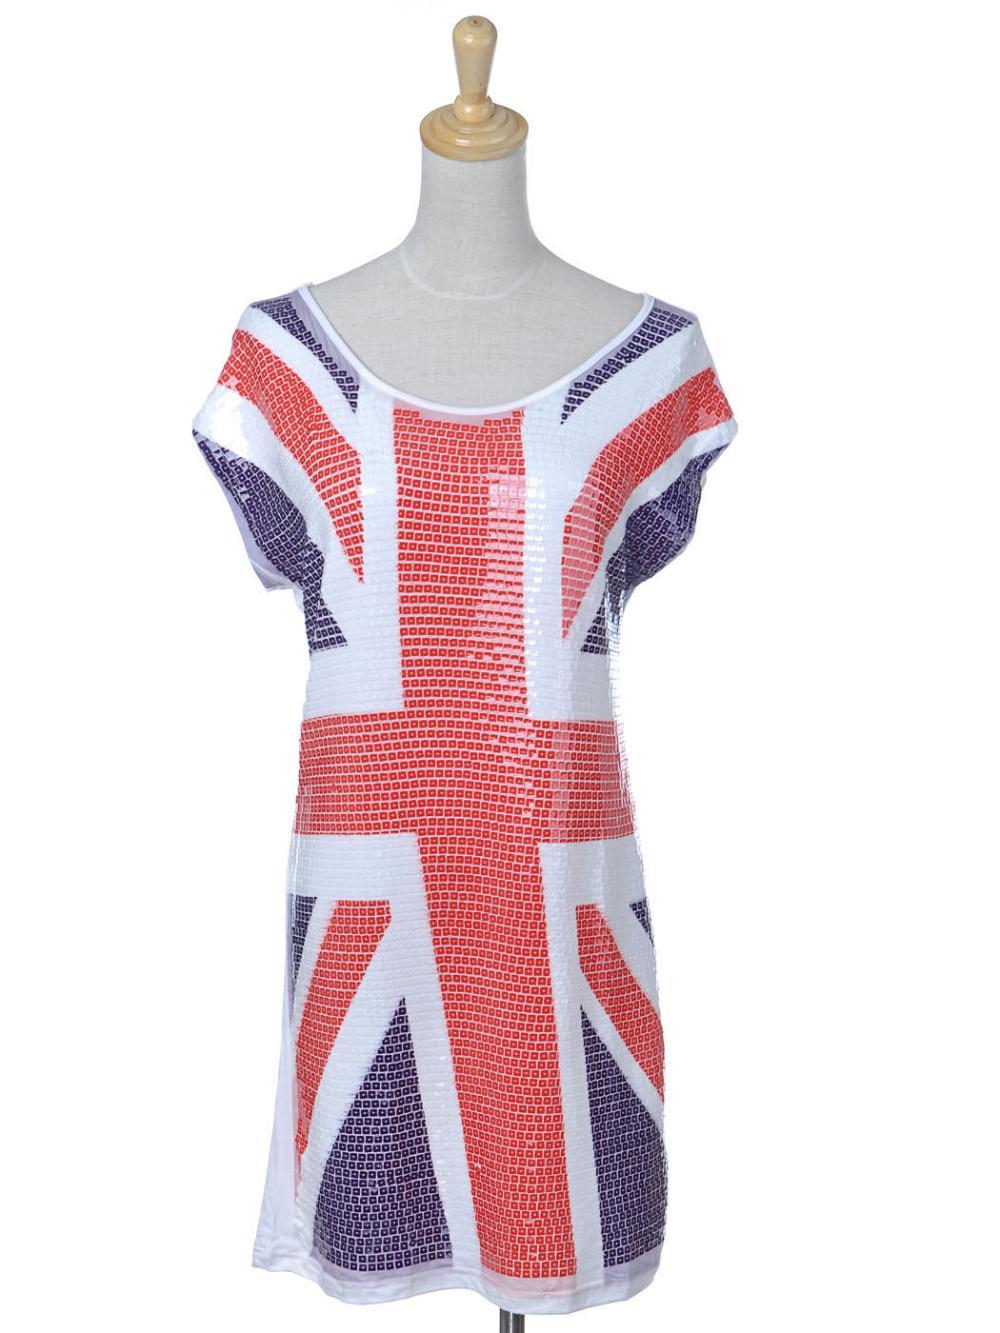 Femmes S/M Fit Rouge Blanc Bleu Britannique Drapeau Emblème Sequin De Mode T-Shirt Robe(China (Mainland))